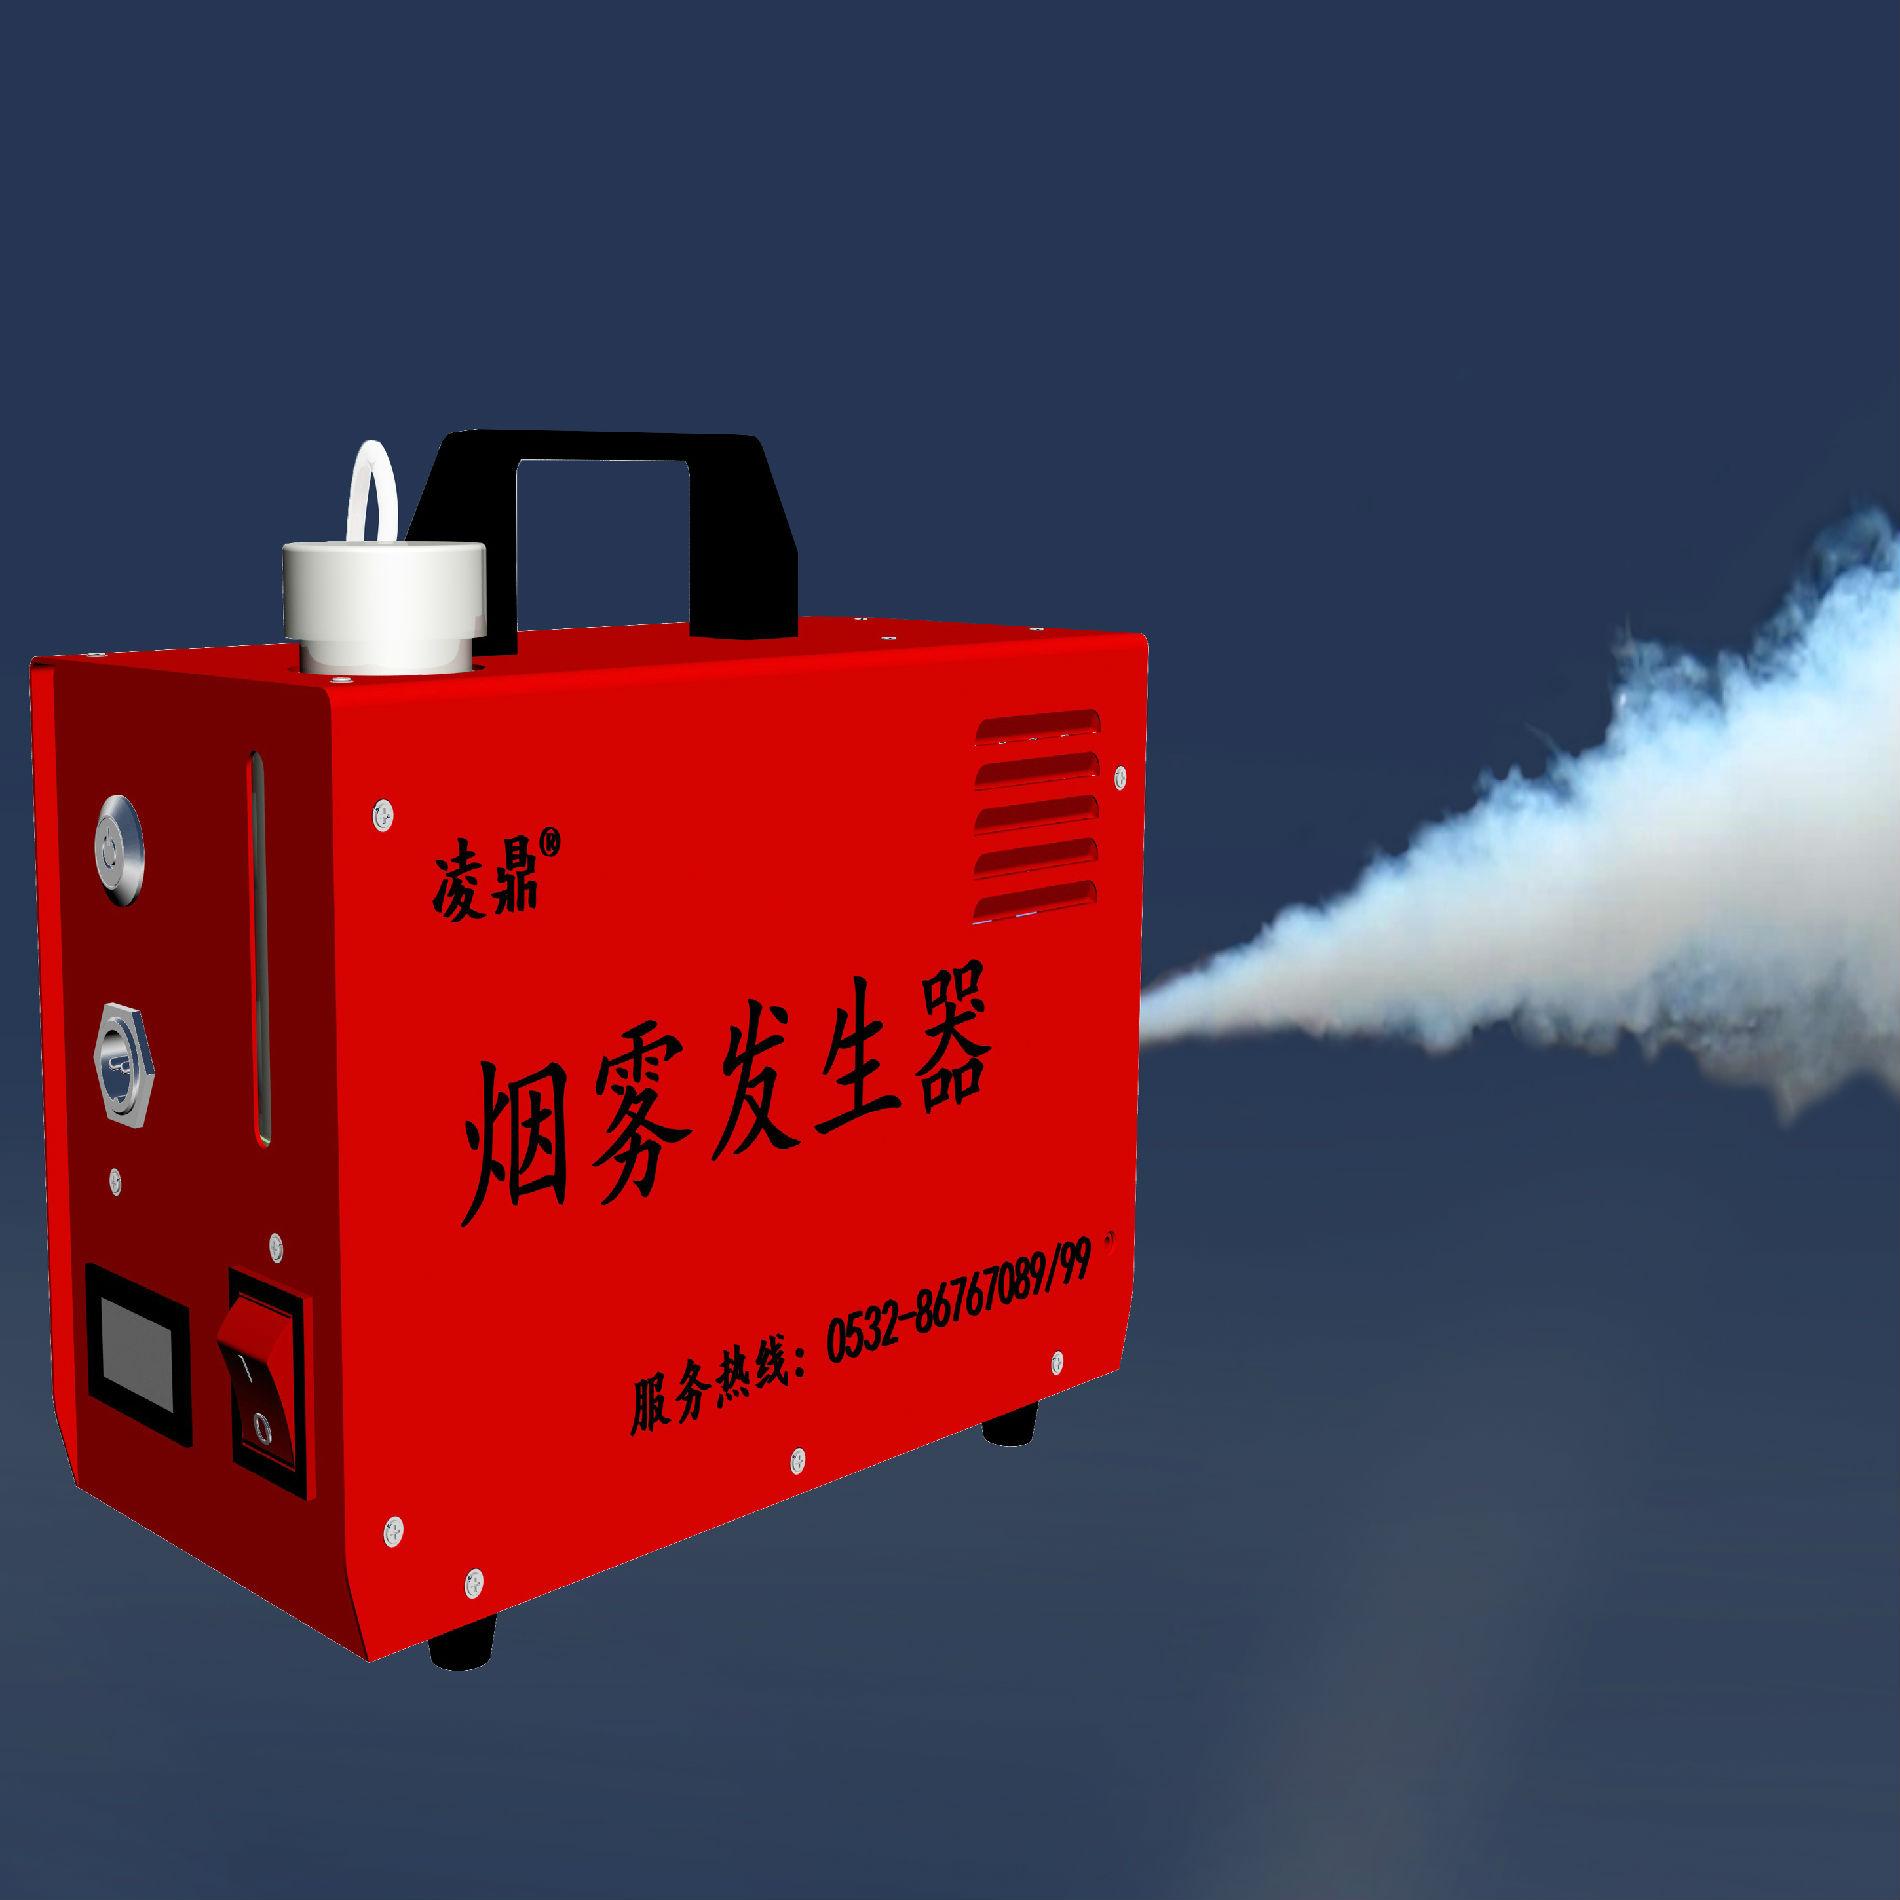 青岛凌鼎便携式烟雾发生器